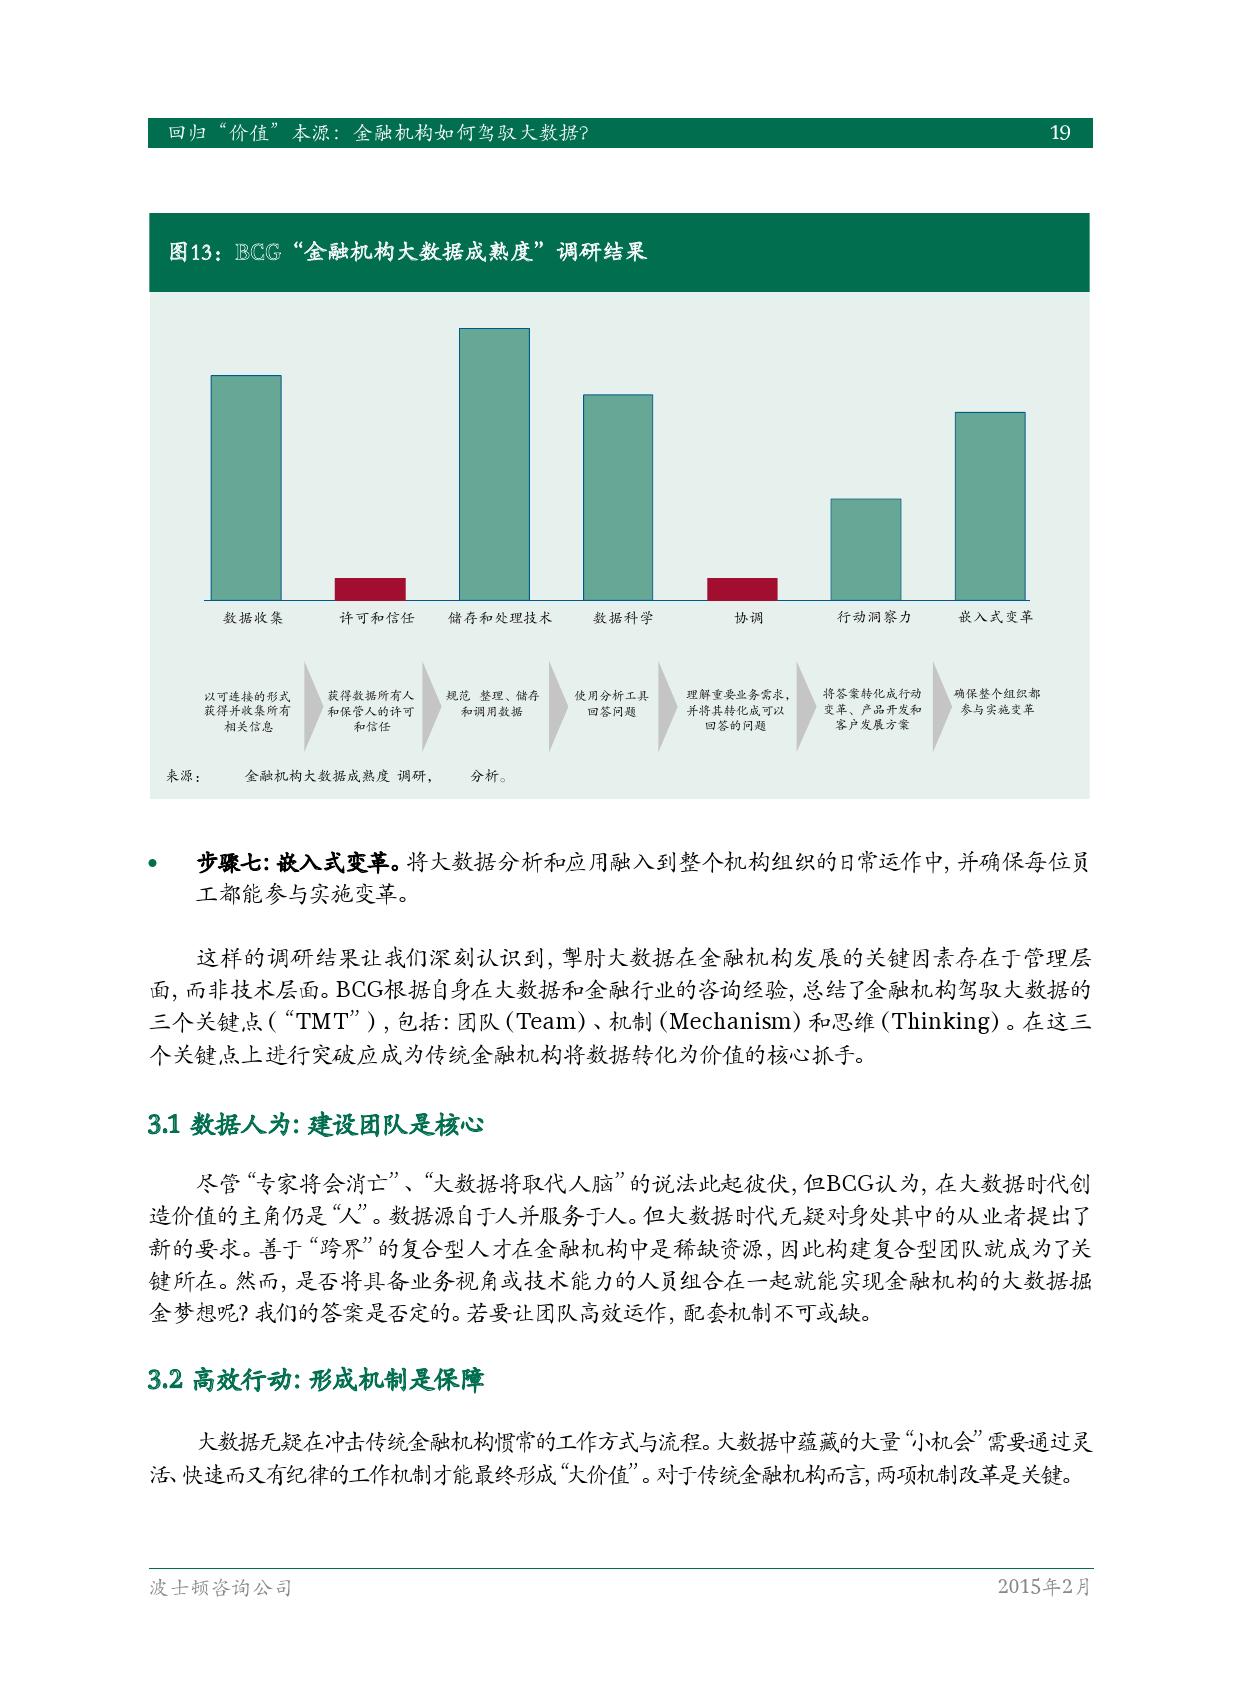 金融机构如何驾驭大数据_000021